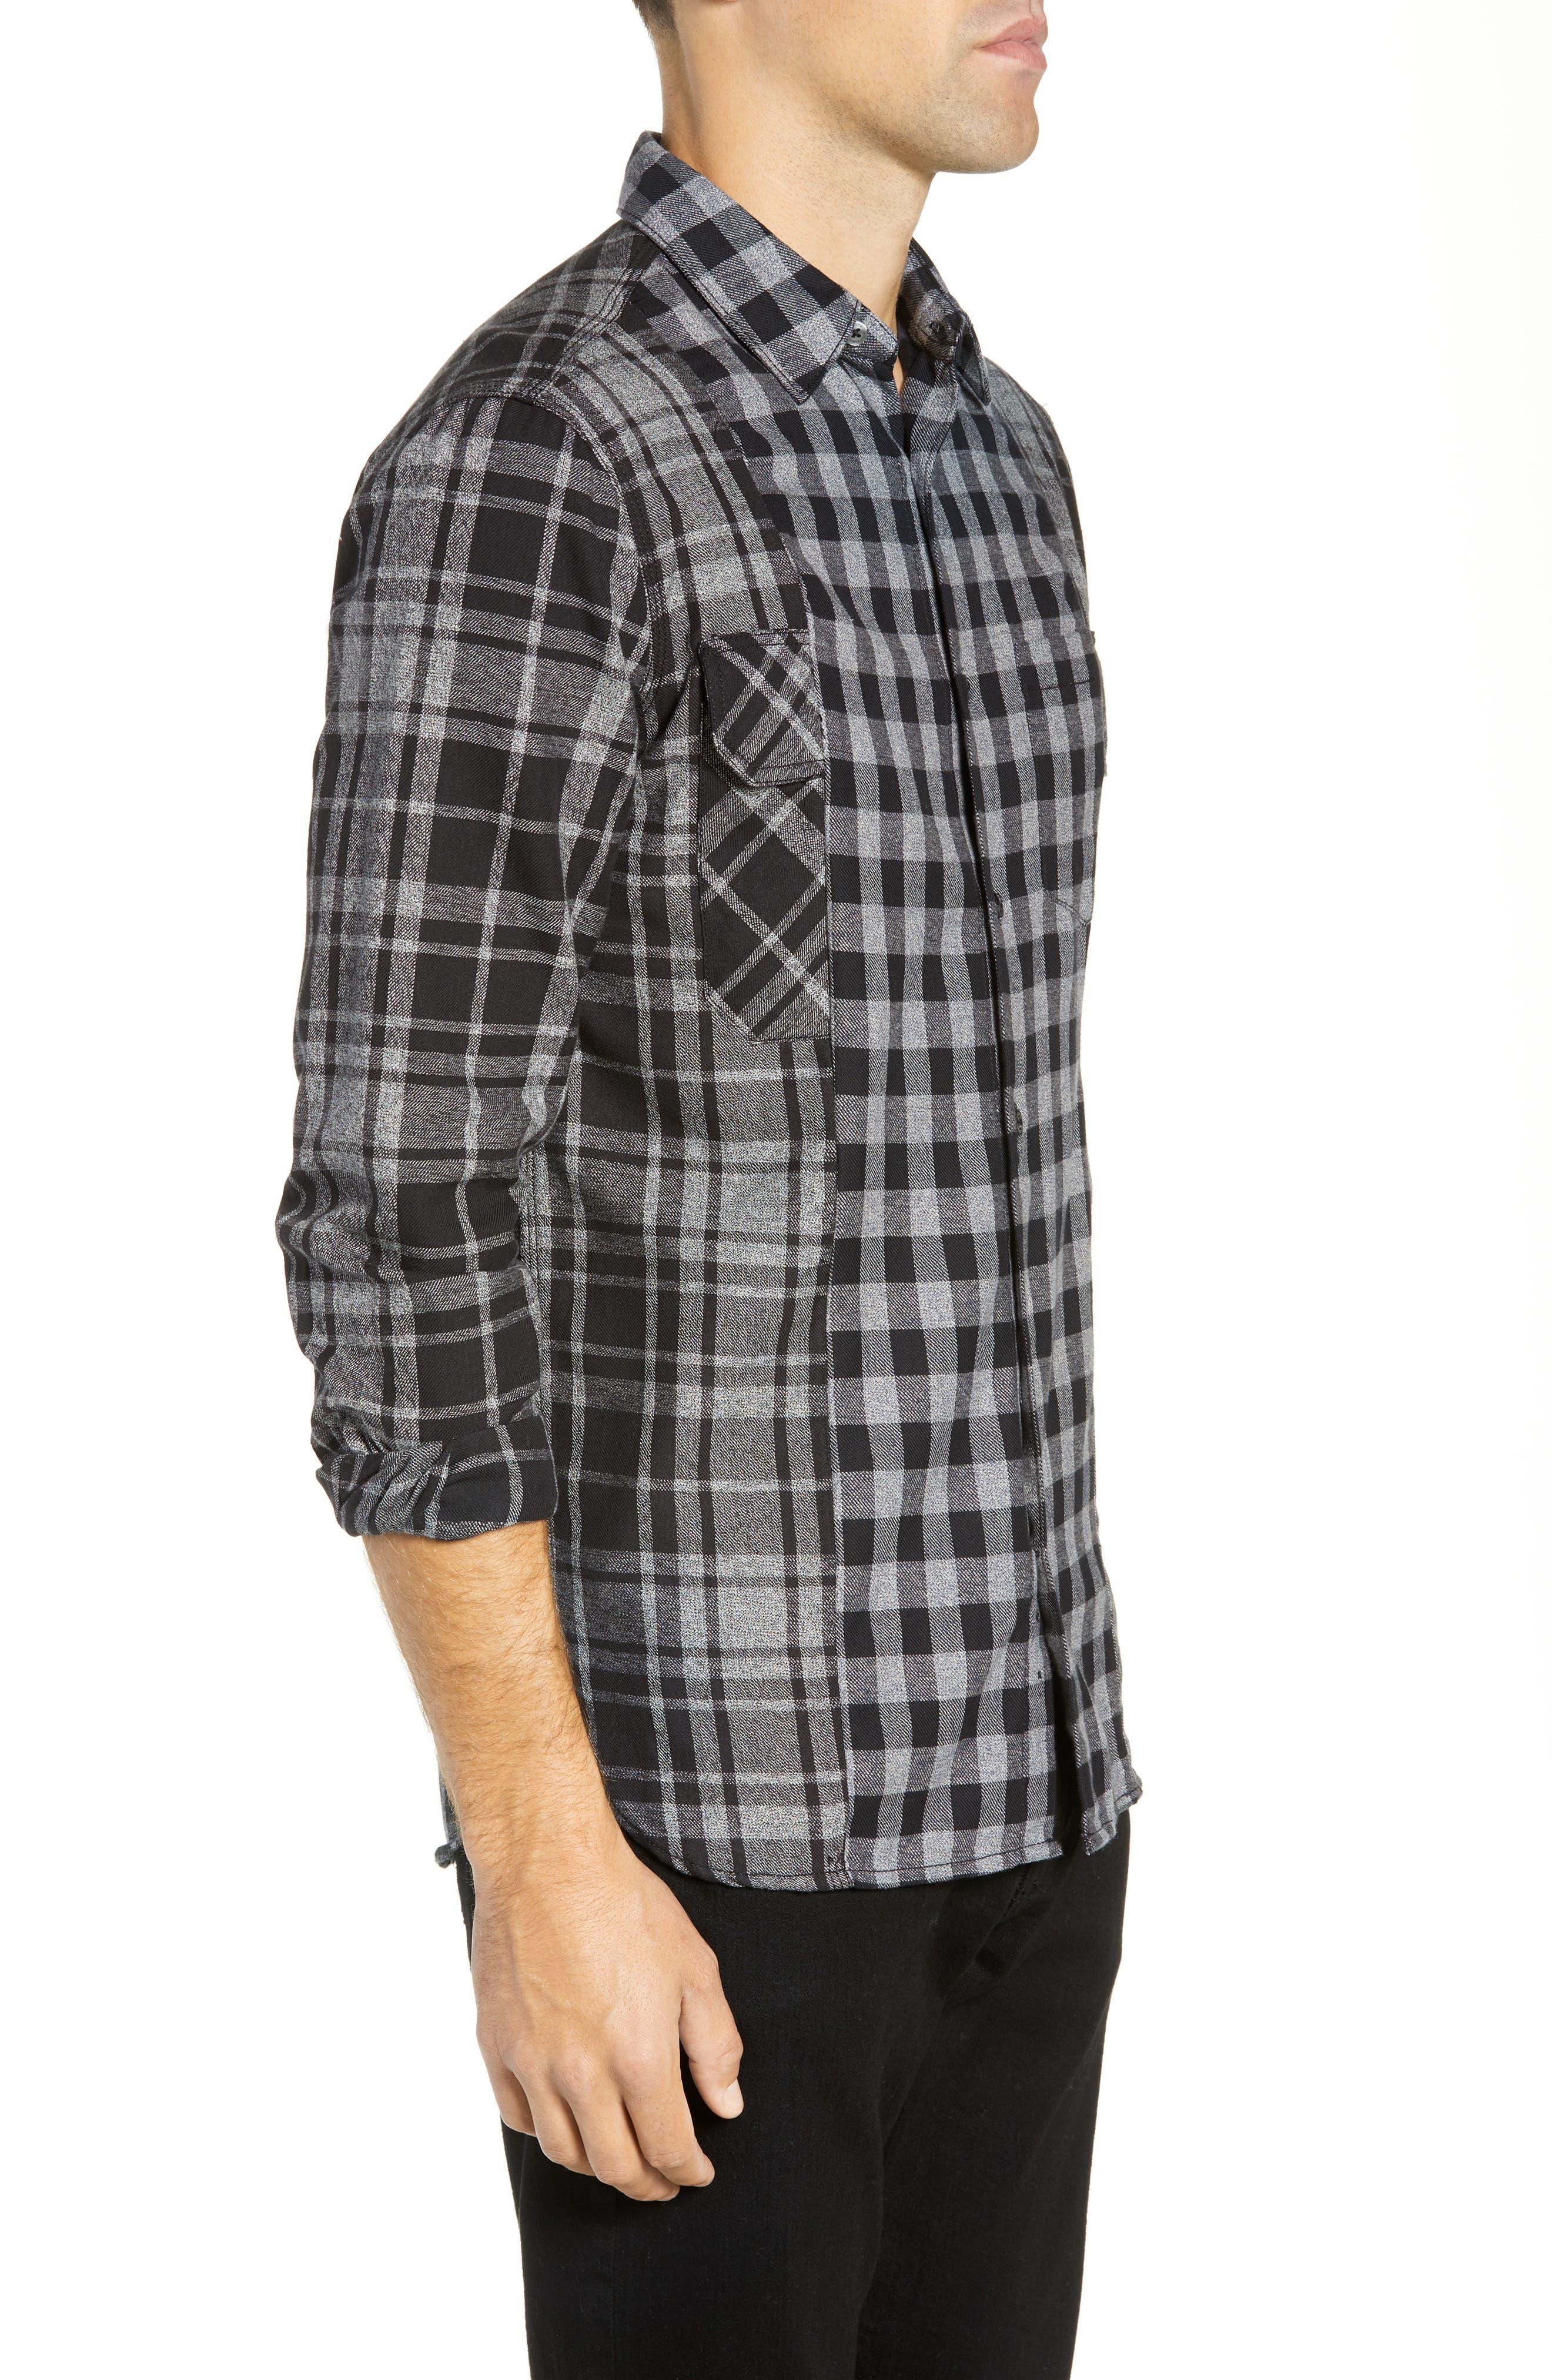 Bits & Pieces Loose Fit Sport Shirt,                             Alternate thumbnail 4, color,                             BLACK CHECKS